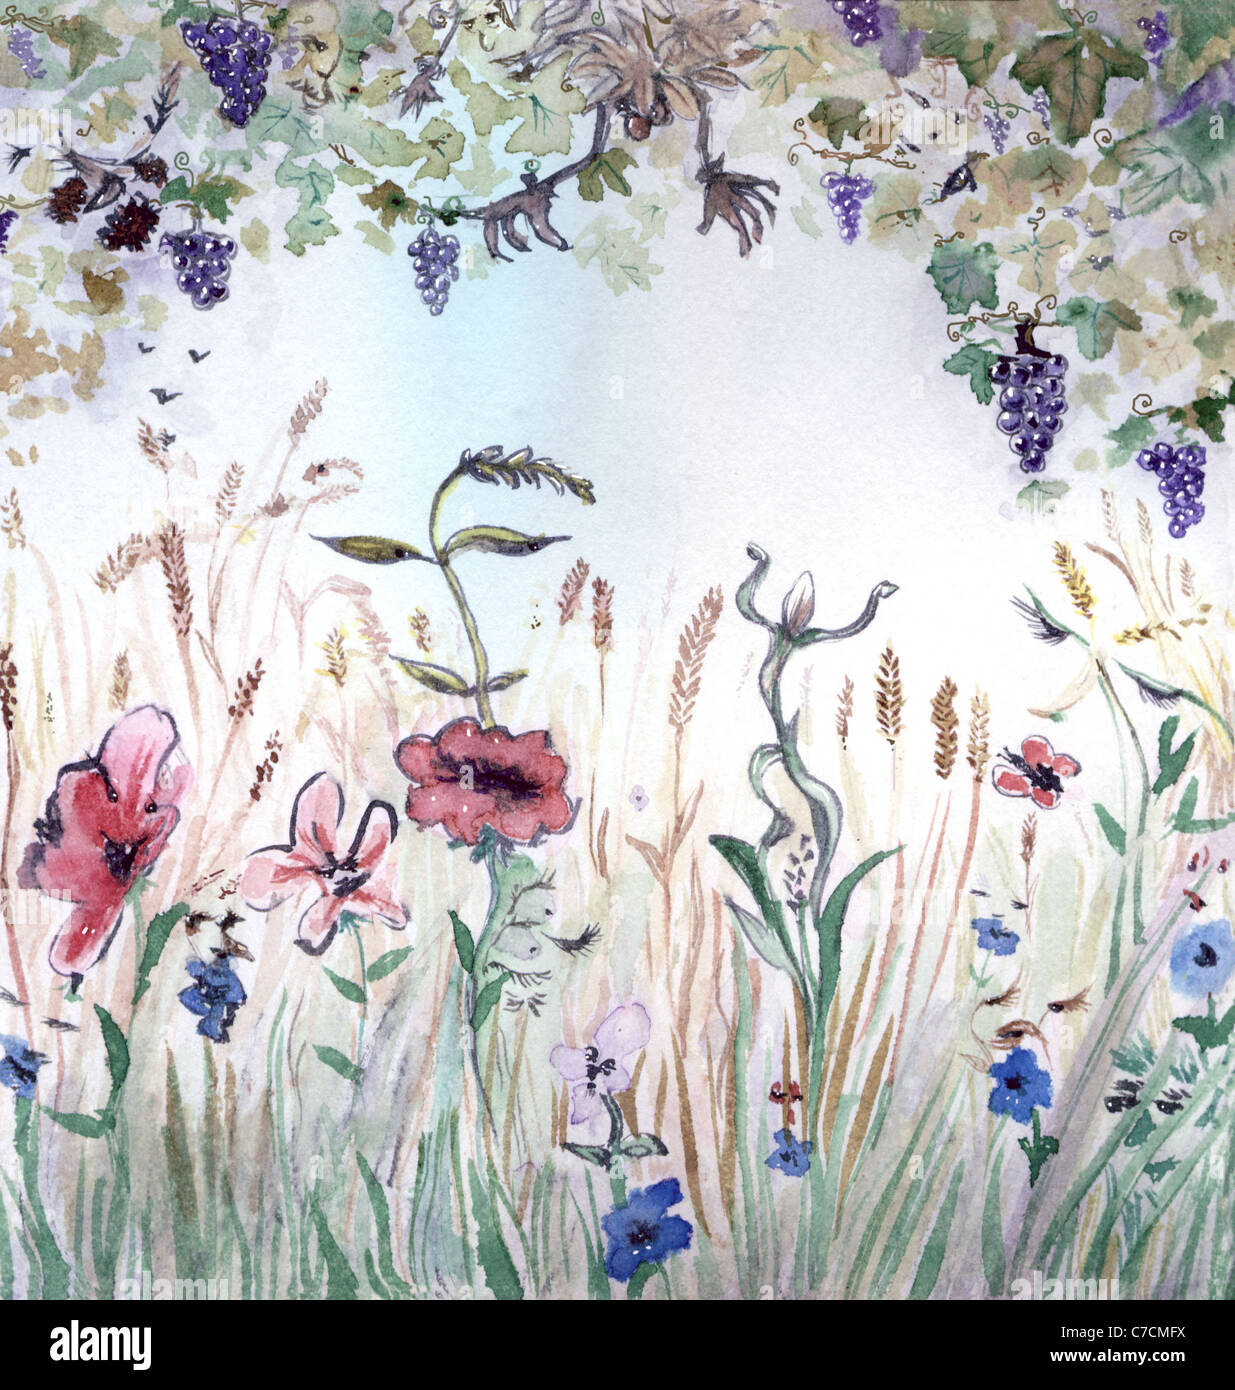 Herbst Saison Allegorie, Aquarell Abbildung Stockbild